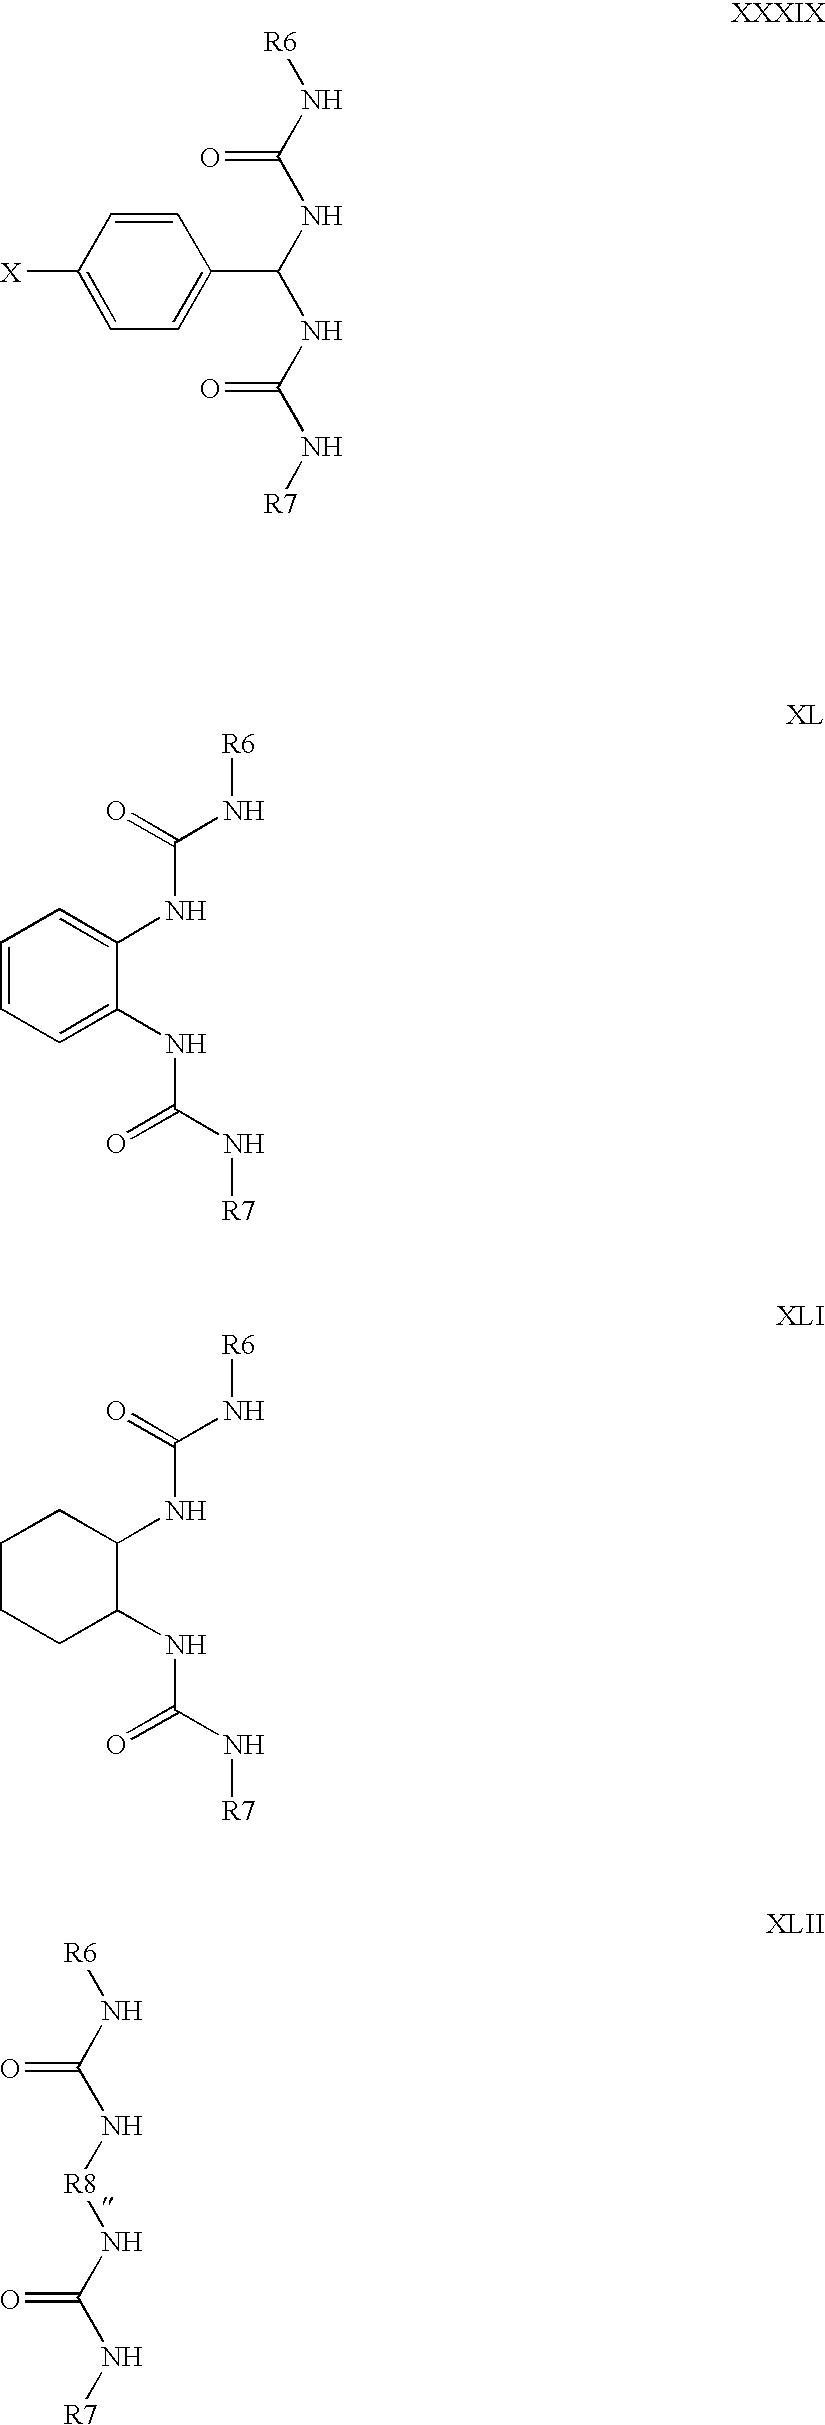 Figure US08445558-20130521-C00016